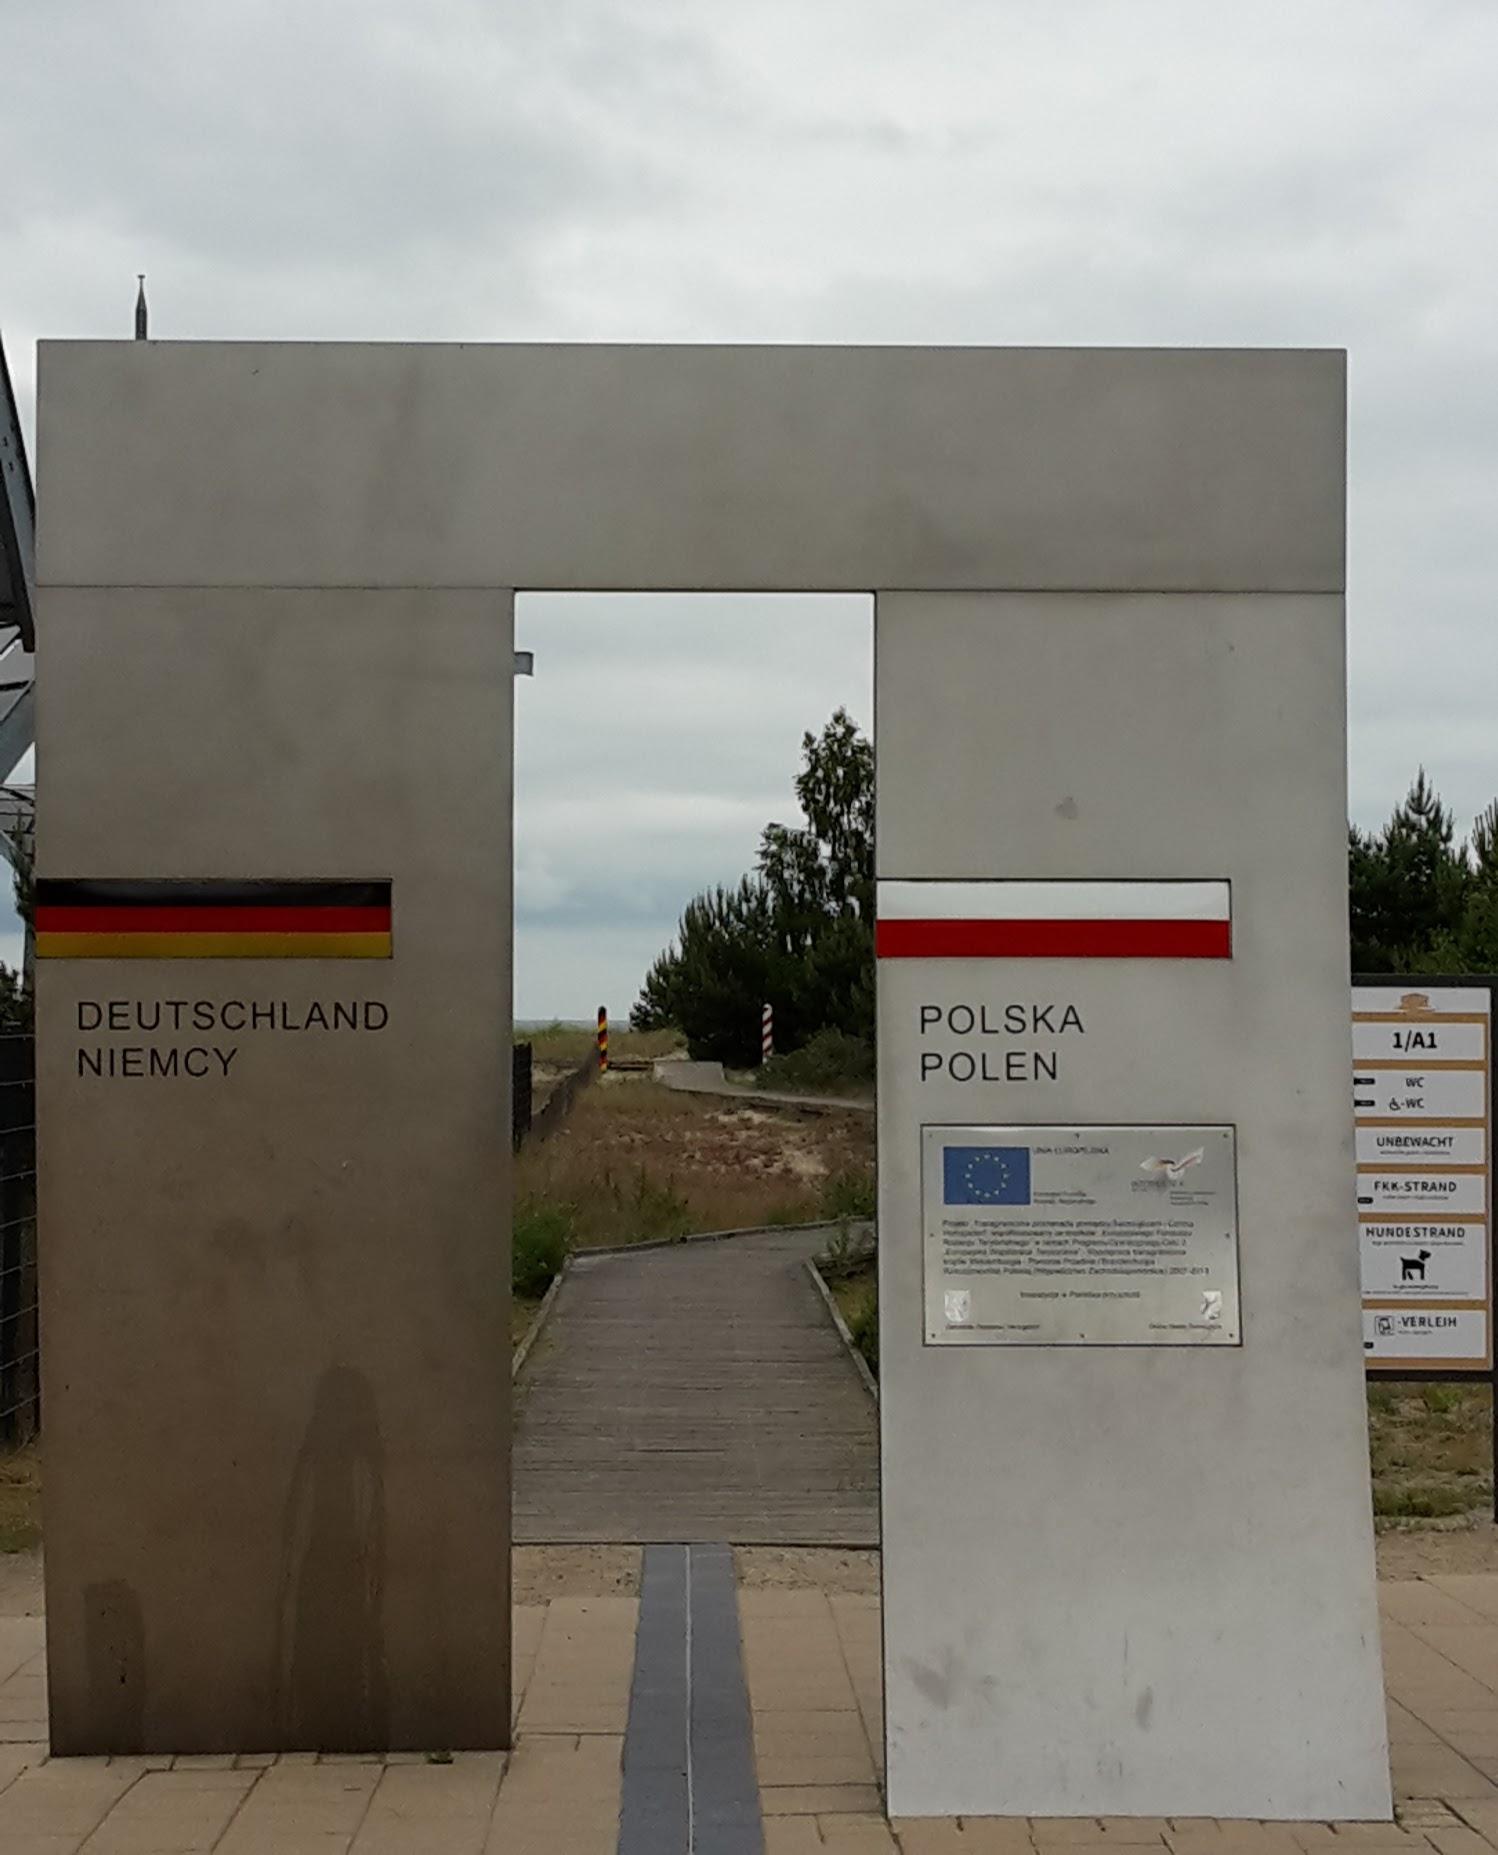 2018.06.09 - 23. URLAUB auf USEDOM 043 Dtsch.-poln. Grenze